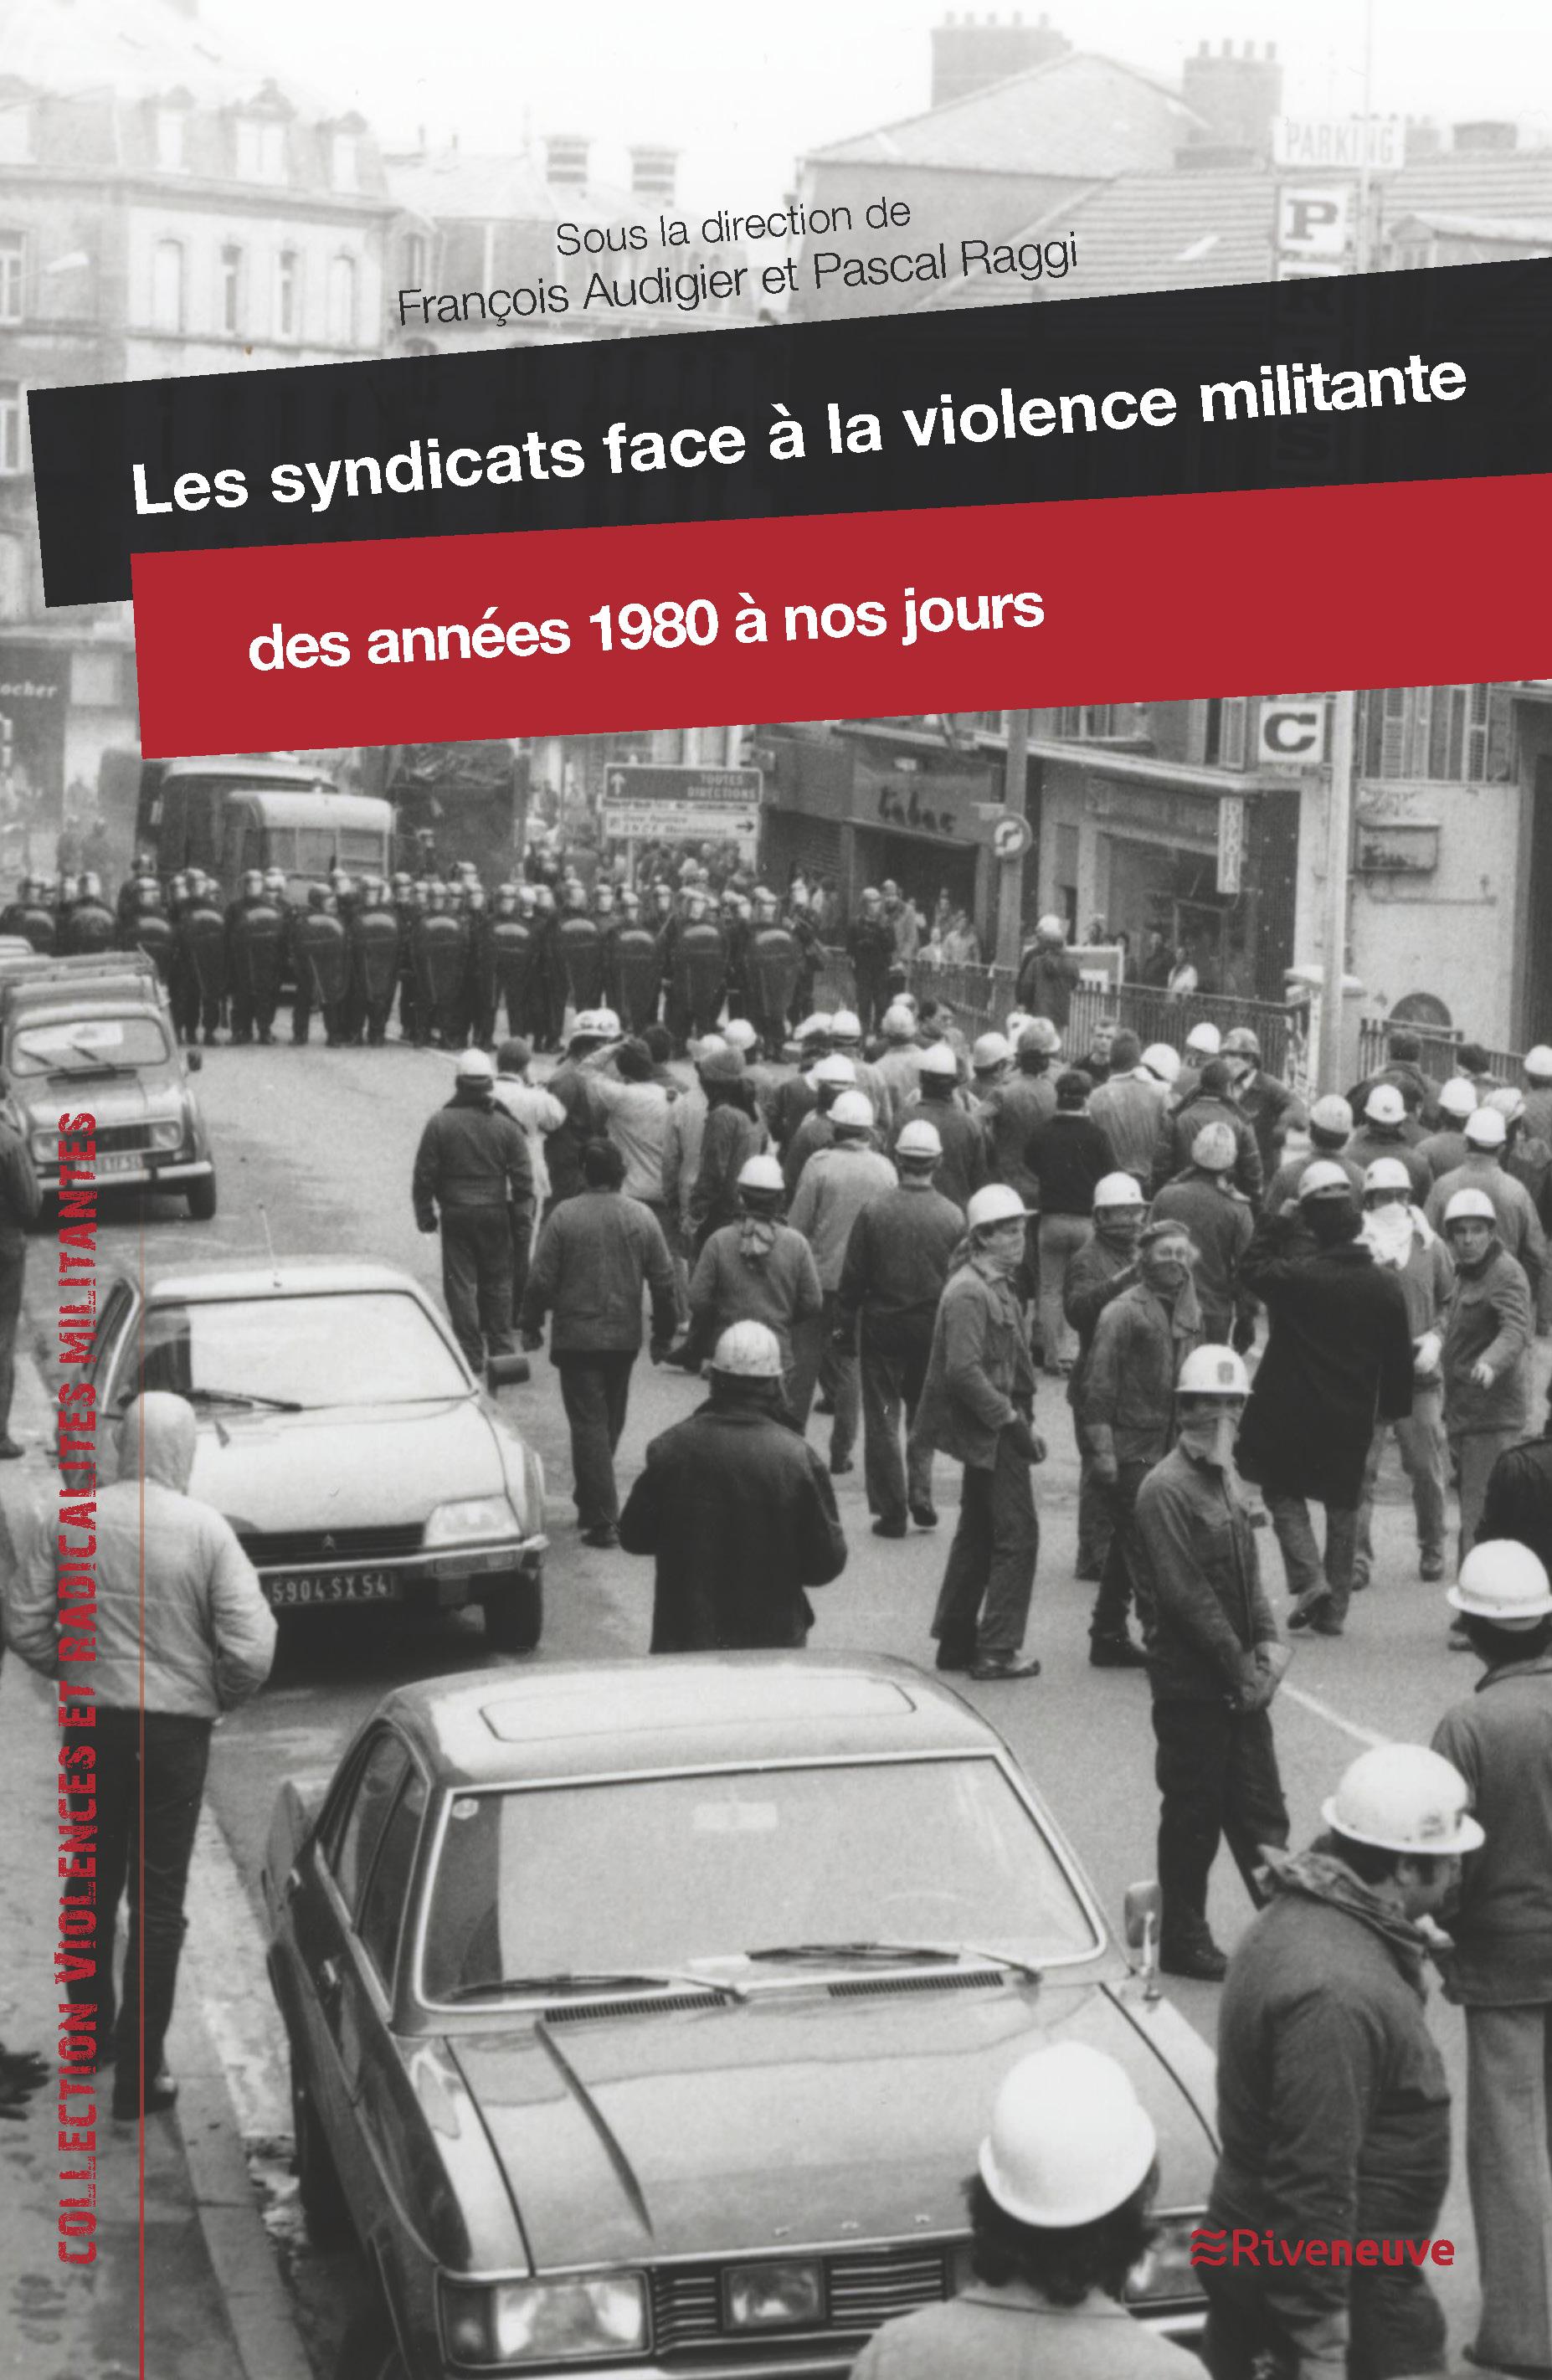 Les syndicats face à la violence militante des années 1980 à nos jours